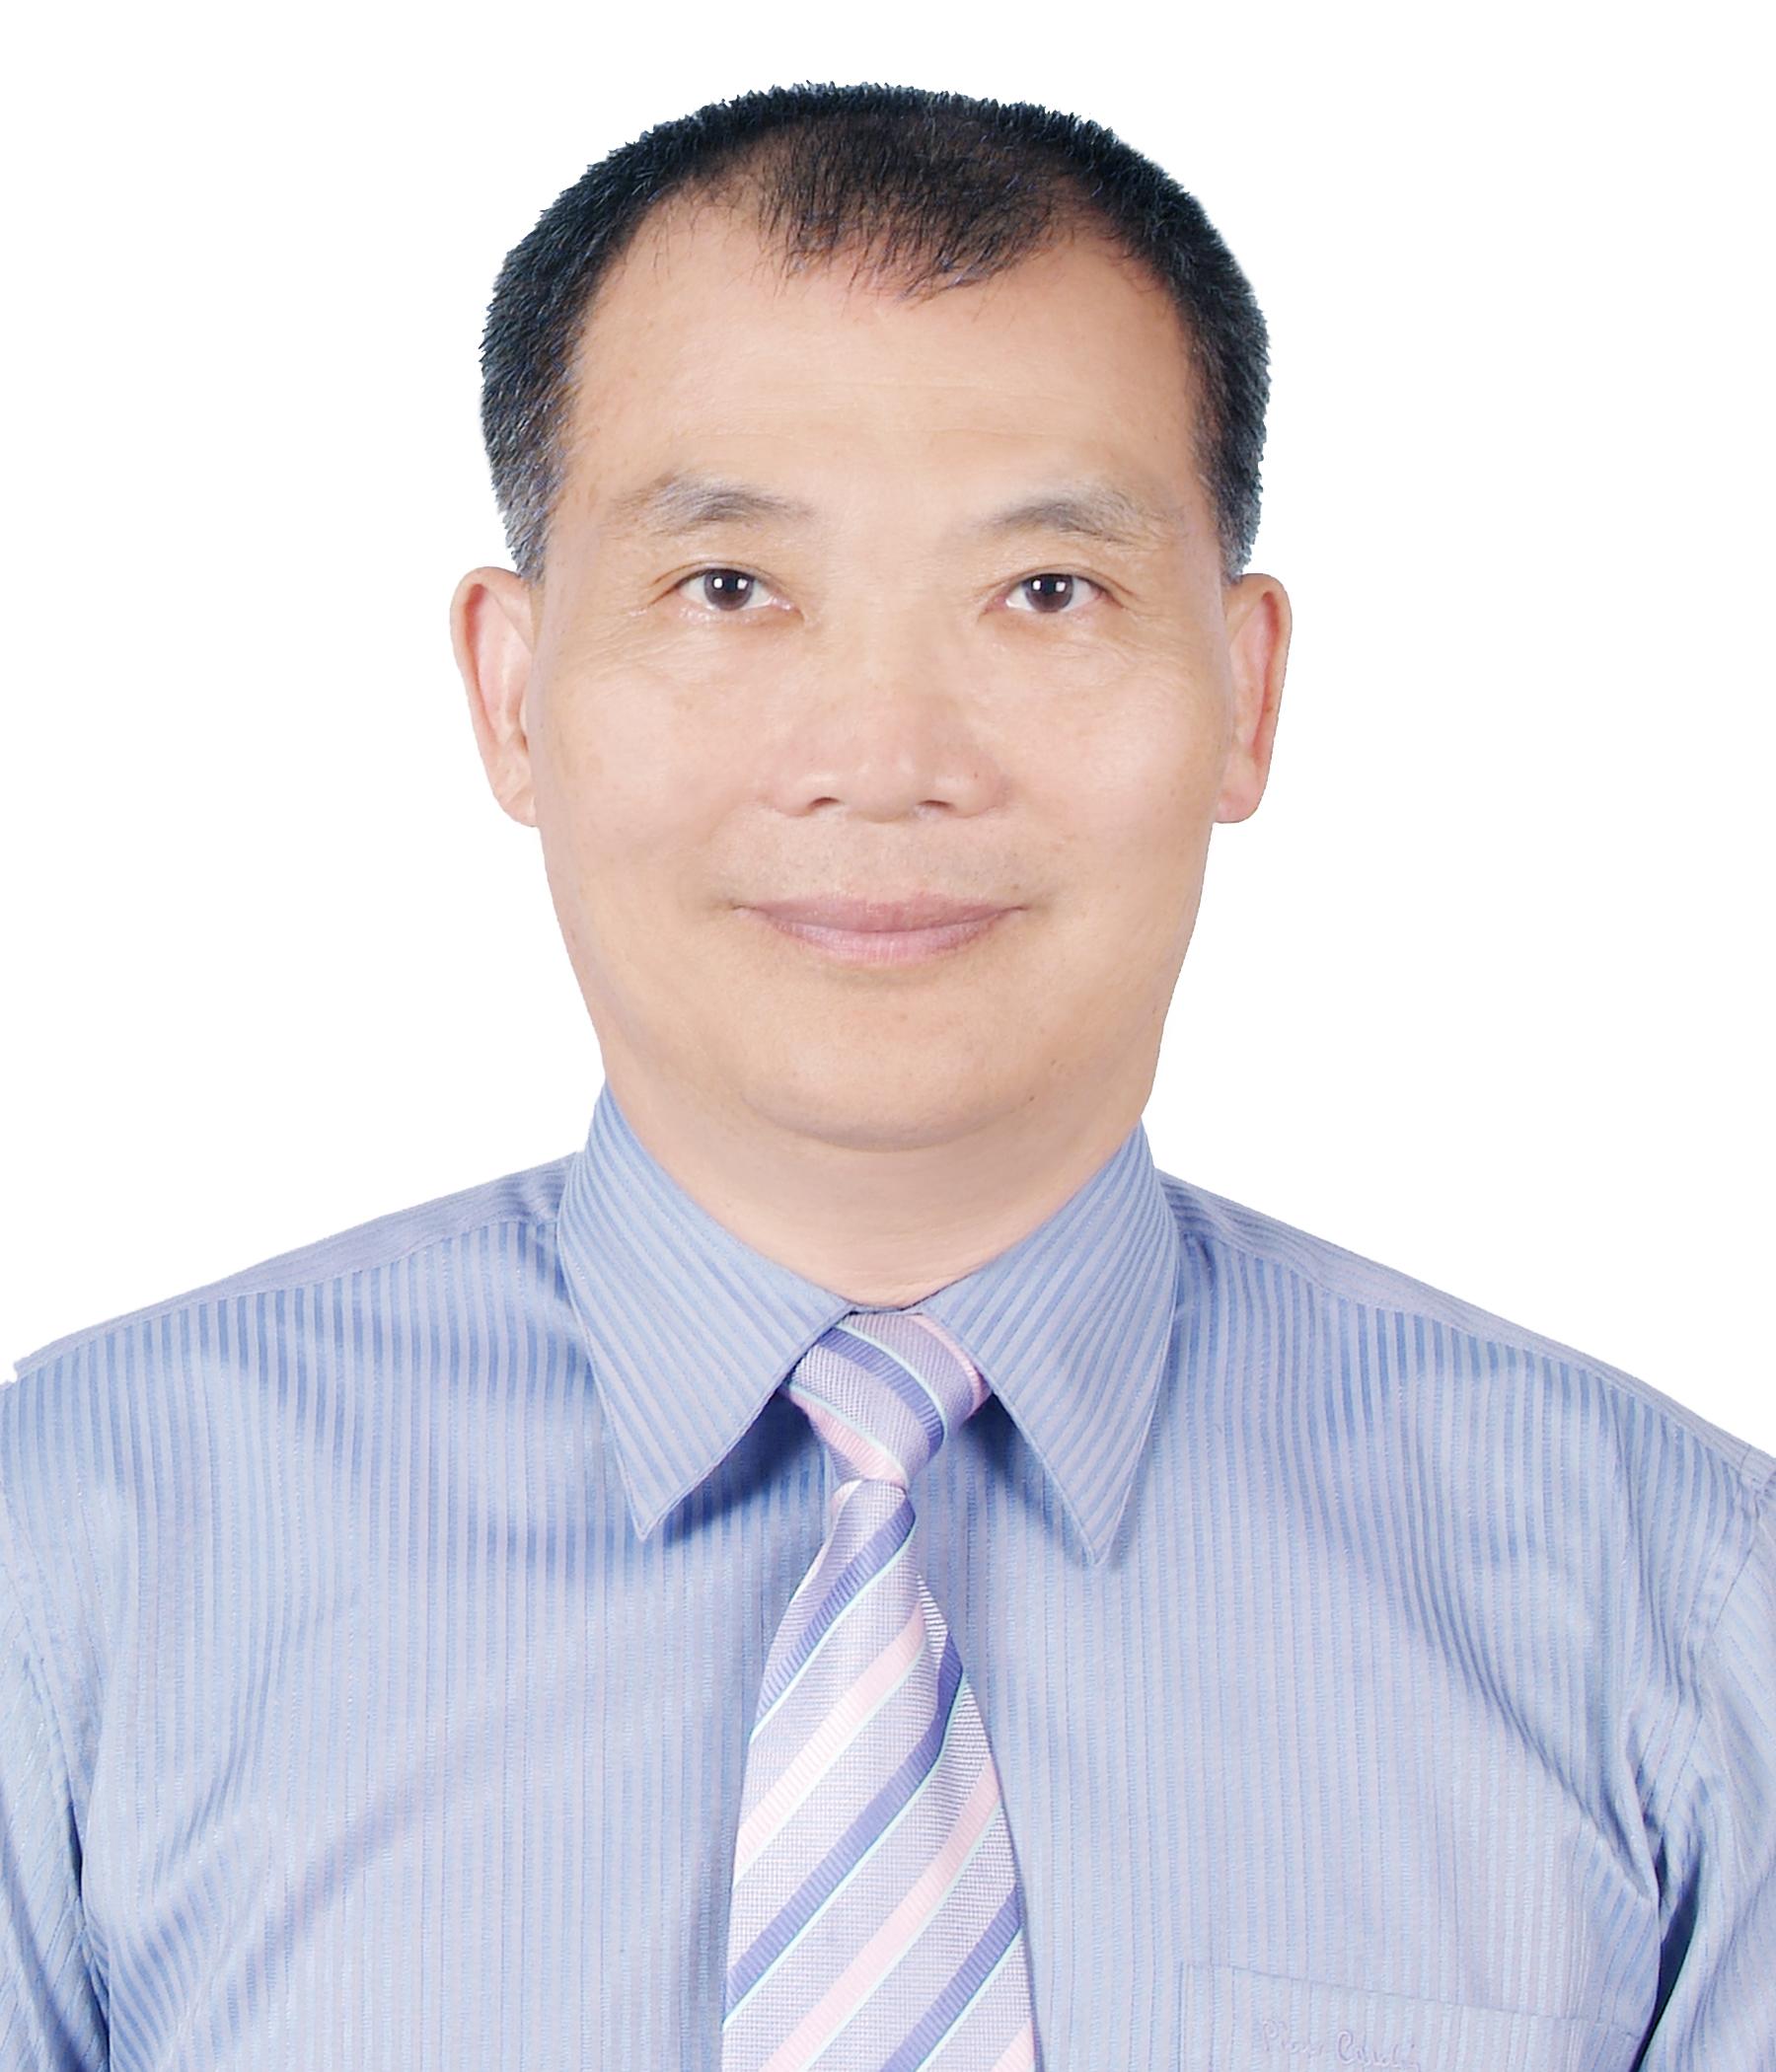 中華民國不動產仲介經紀商業同業公會全國聯合會